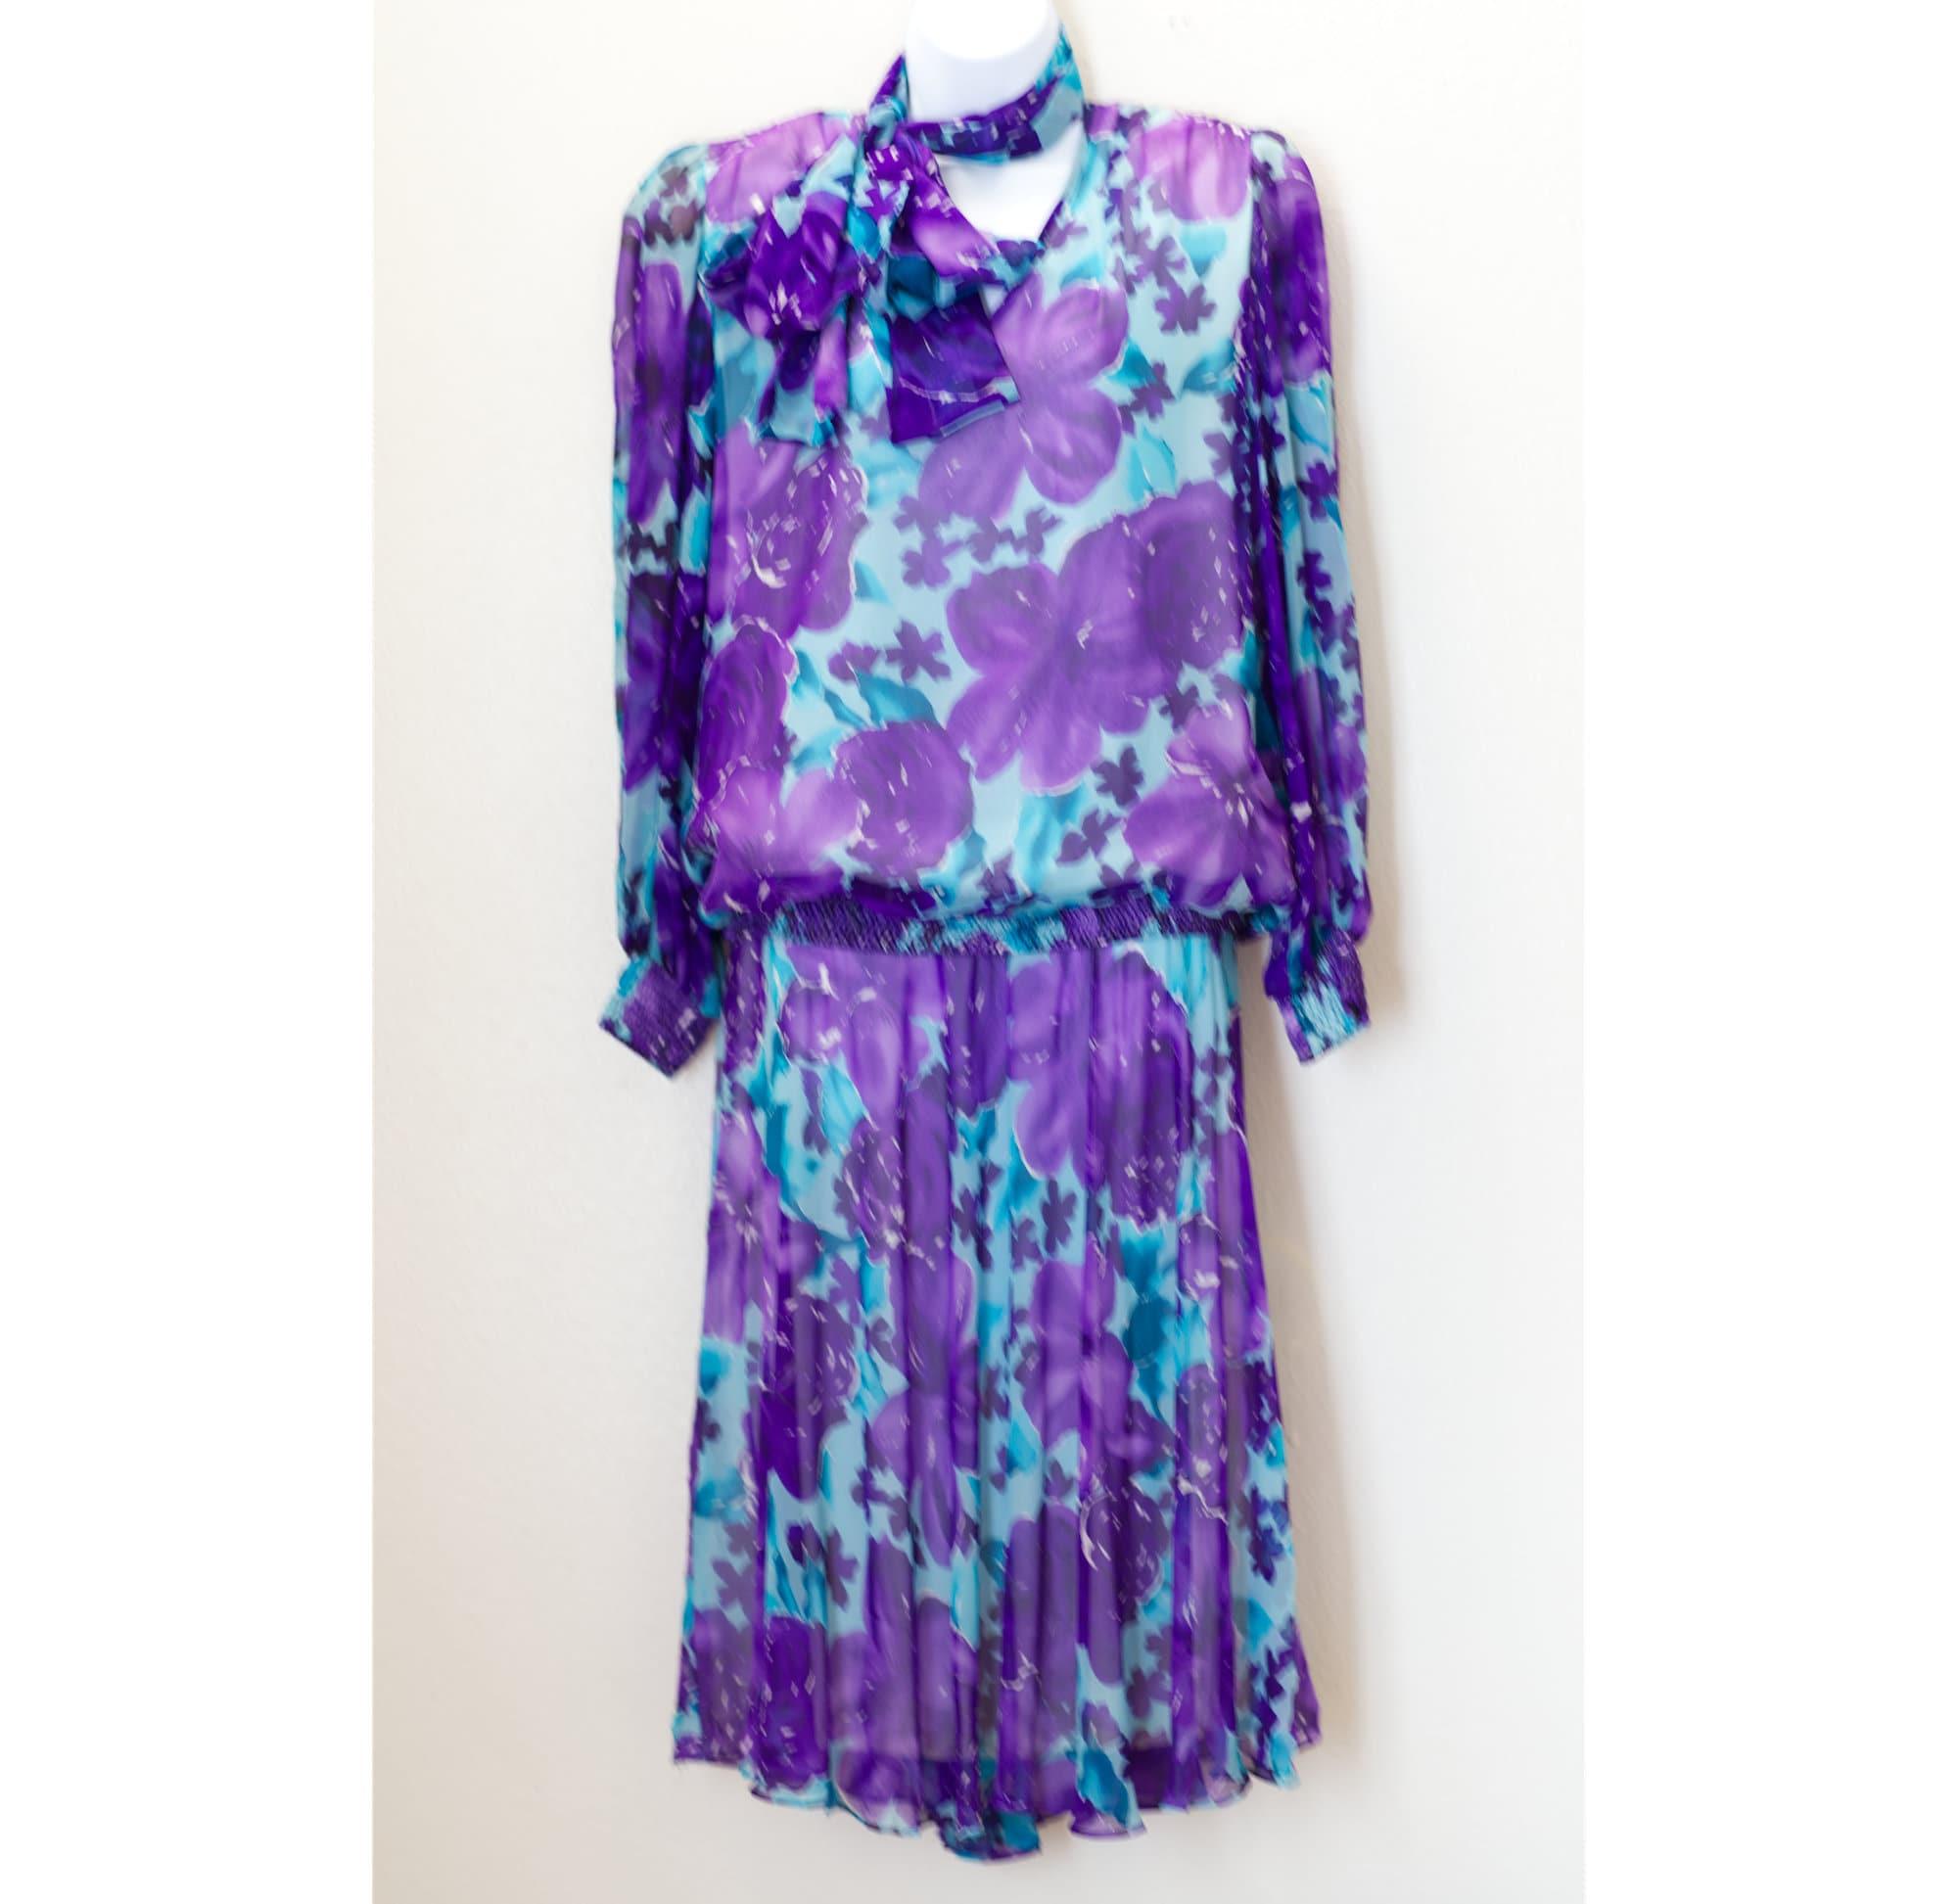 Vintage Scarf Styles -1920s to 1960s Vintage 1980S Silk Purple Floral Blouse  Skirt Set  Anne Crimmins For Umi Dress $0.00 AT vintagedancer.com